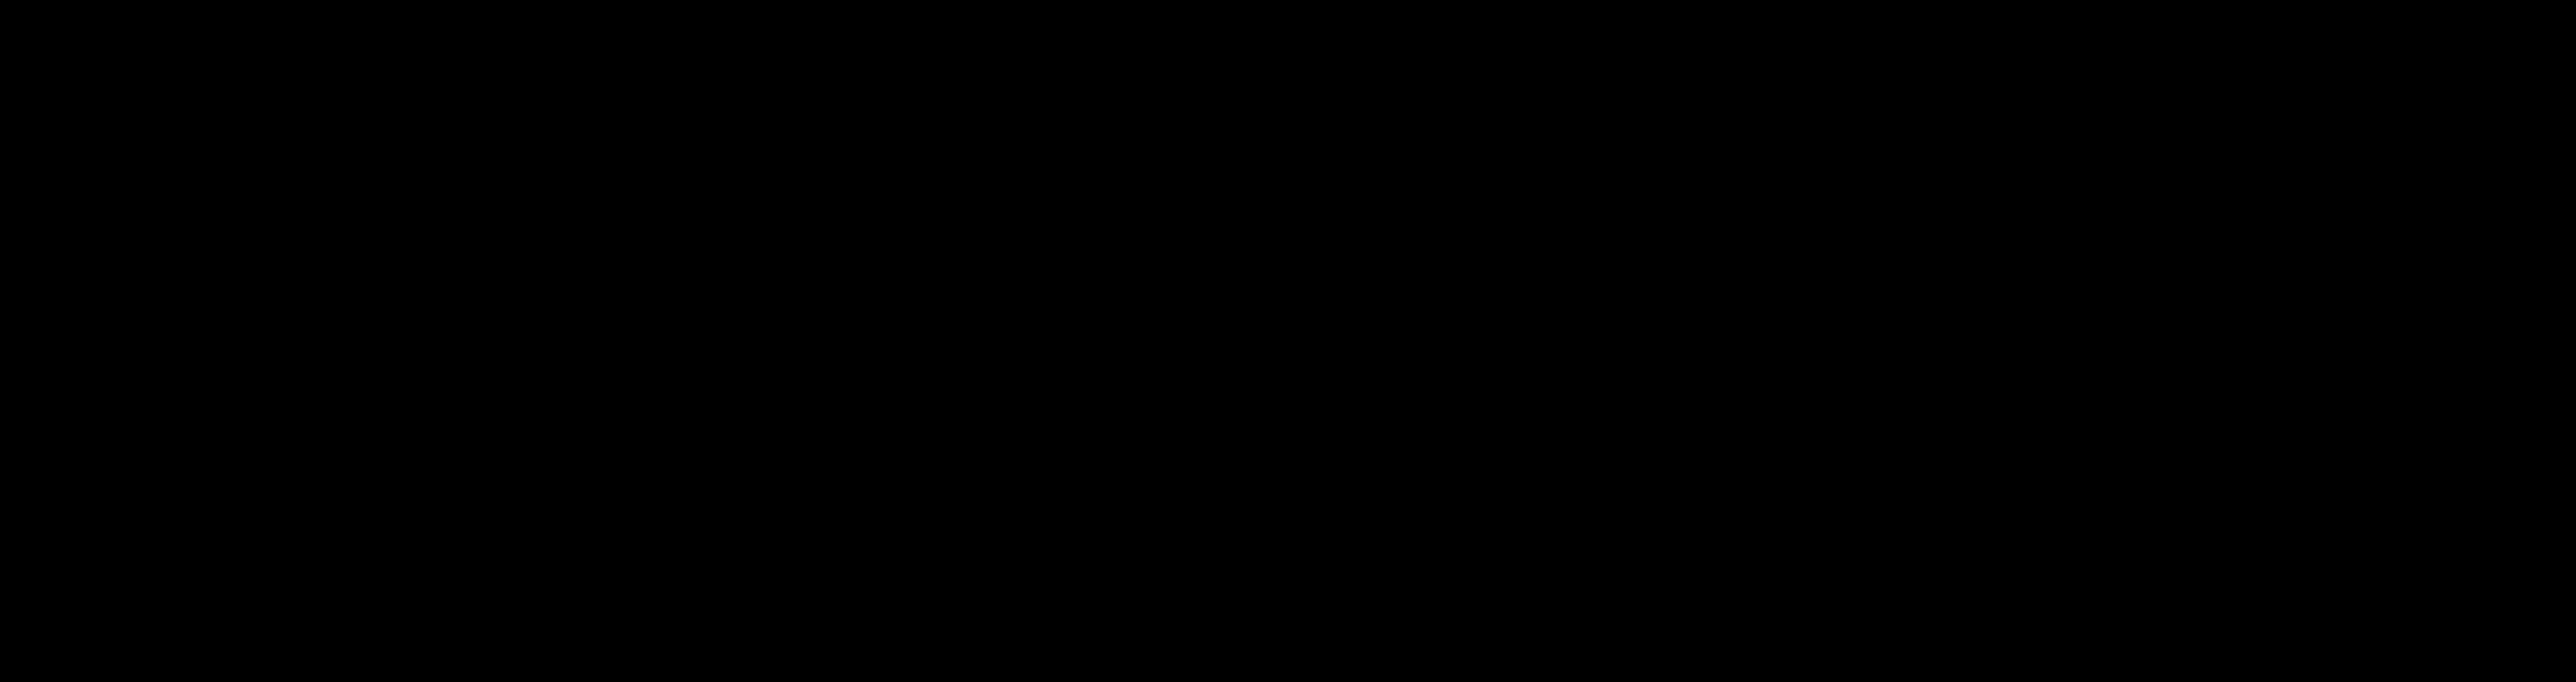 Curcumin-d<sub>6</sub> di-O-sulfamate